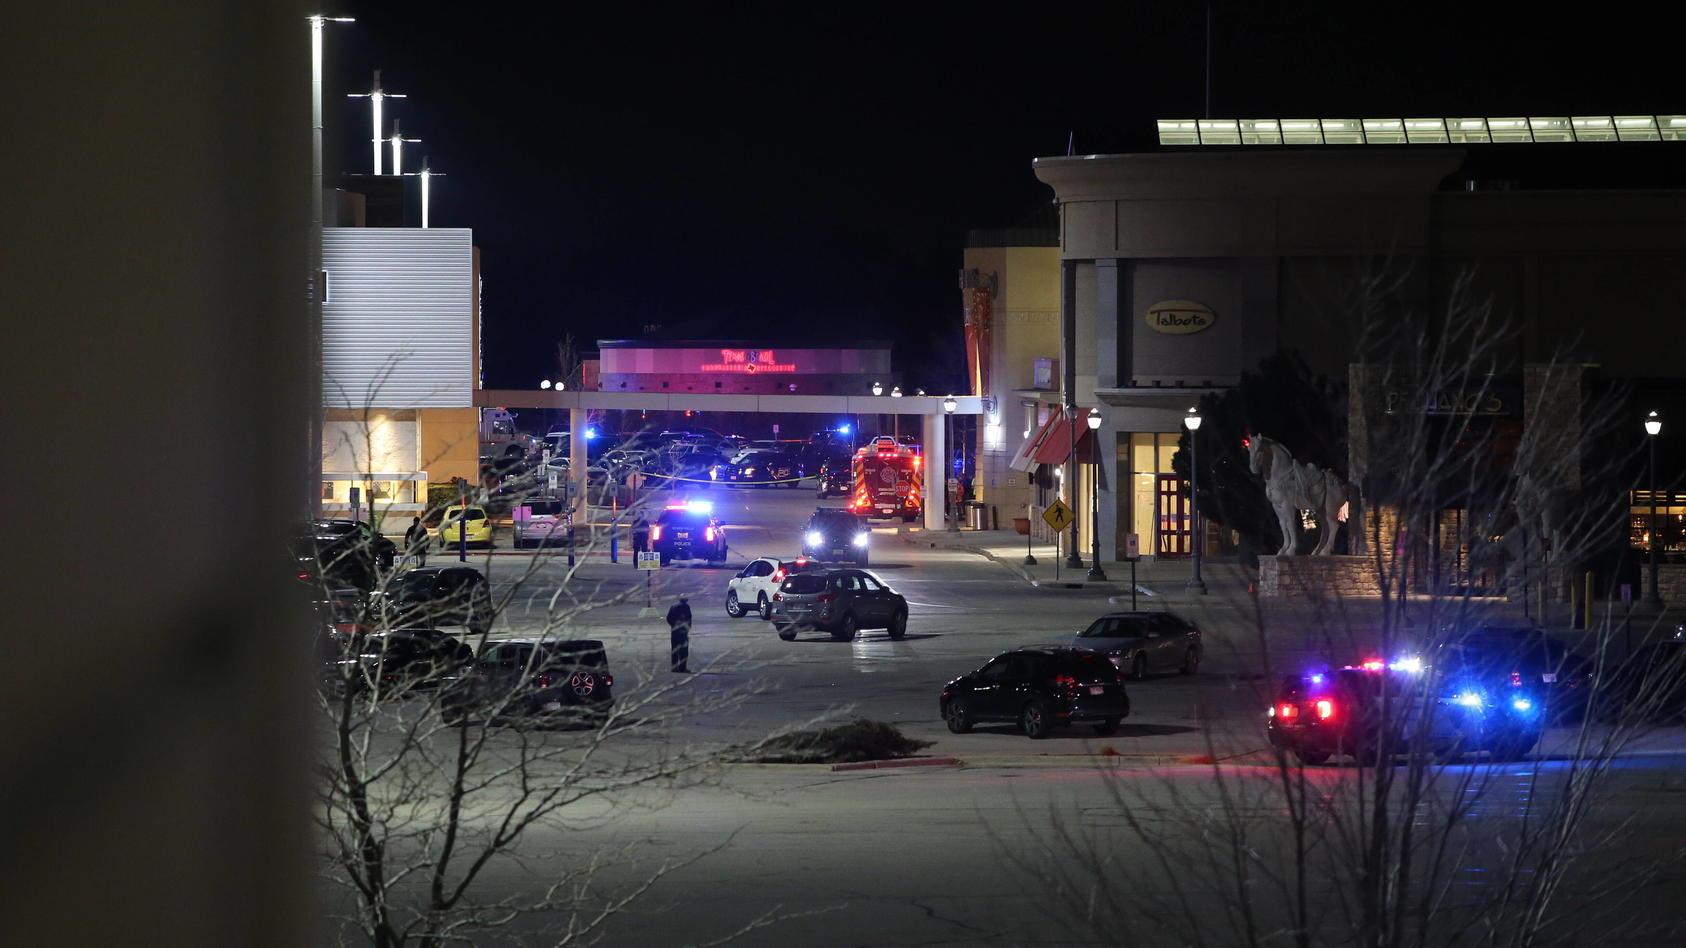 November 20, 2020, Wauwatosa, Wisconsin, U.S: Shooting at Mayfair Mall in Wauwatosa, Wisconsin Friday November 20, 2020